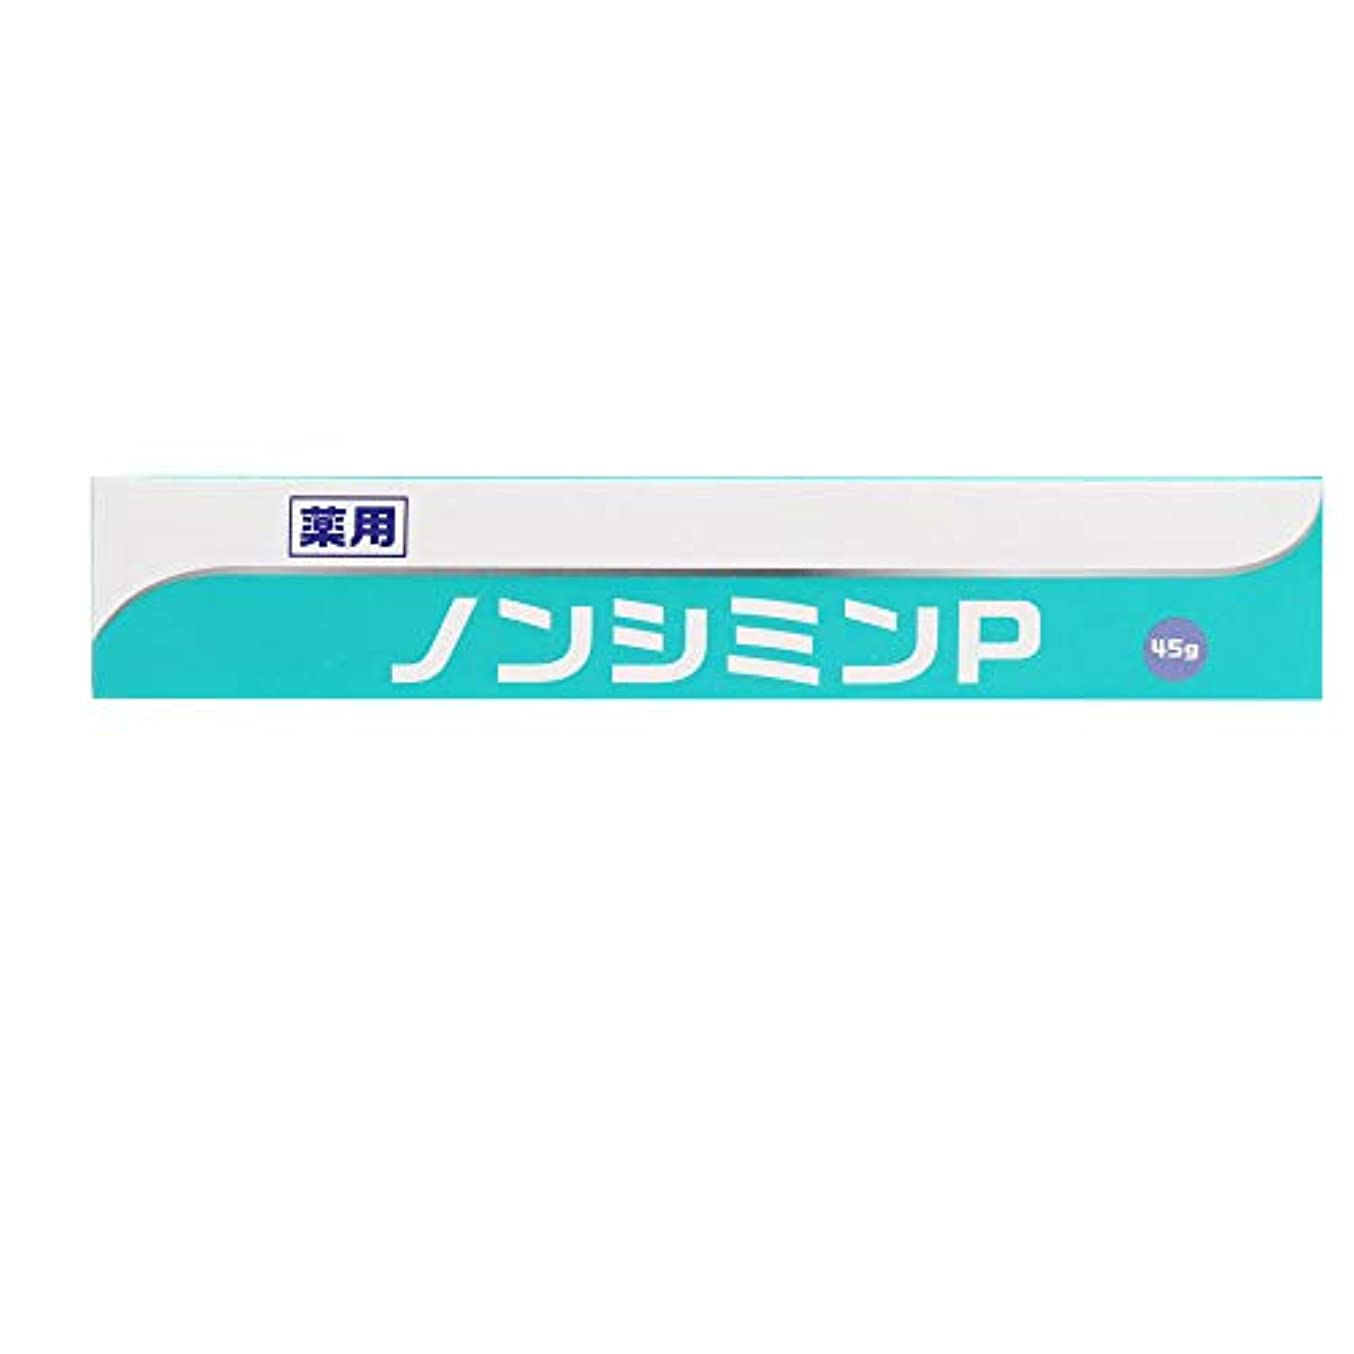 薬用ノンシミンP 45g ジェルタイプ 医薬部外品